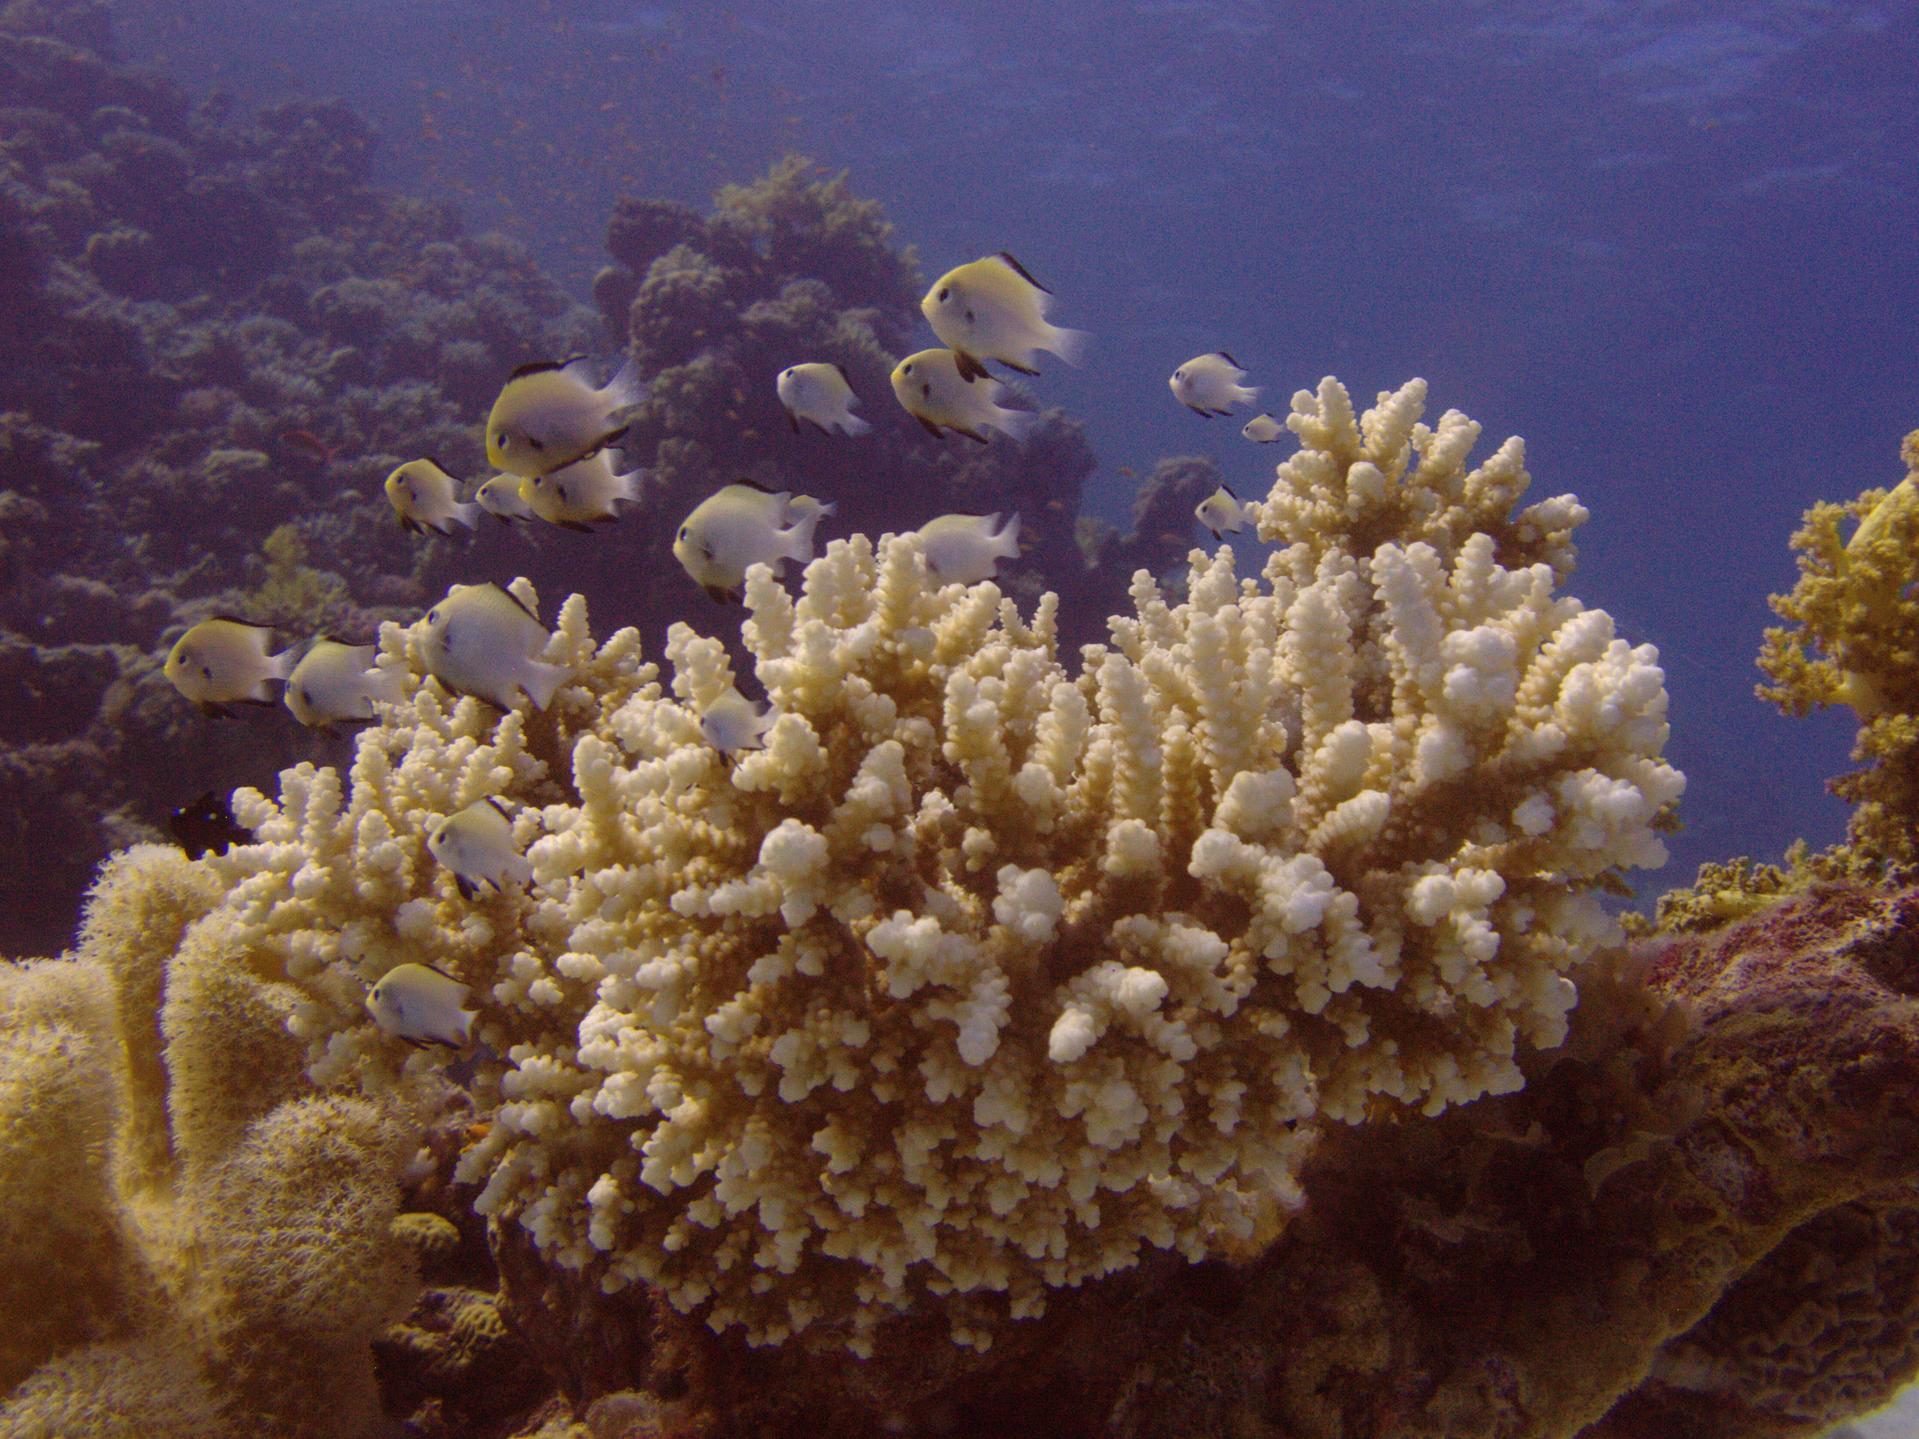 Wgalerii znajdują się fotografie przedstawiające bogactwo życia na rafie koralowej. Fotografia przedstawia zbliżenie kolonii korala madreporowego wmorzu. Jest beżowo – biały, mocno rozgałęziony. Obok znajdują się inne koralowce. Korale madreporowe tworzą rafę. Na nim pływa stadko białawych rybek zczarnymi płetwami.